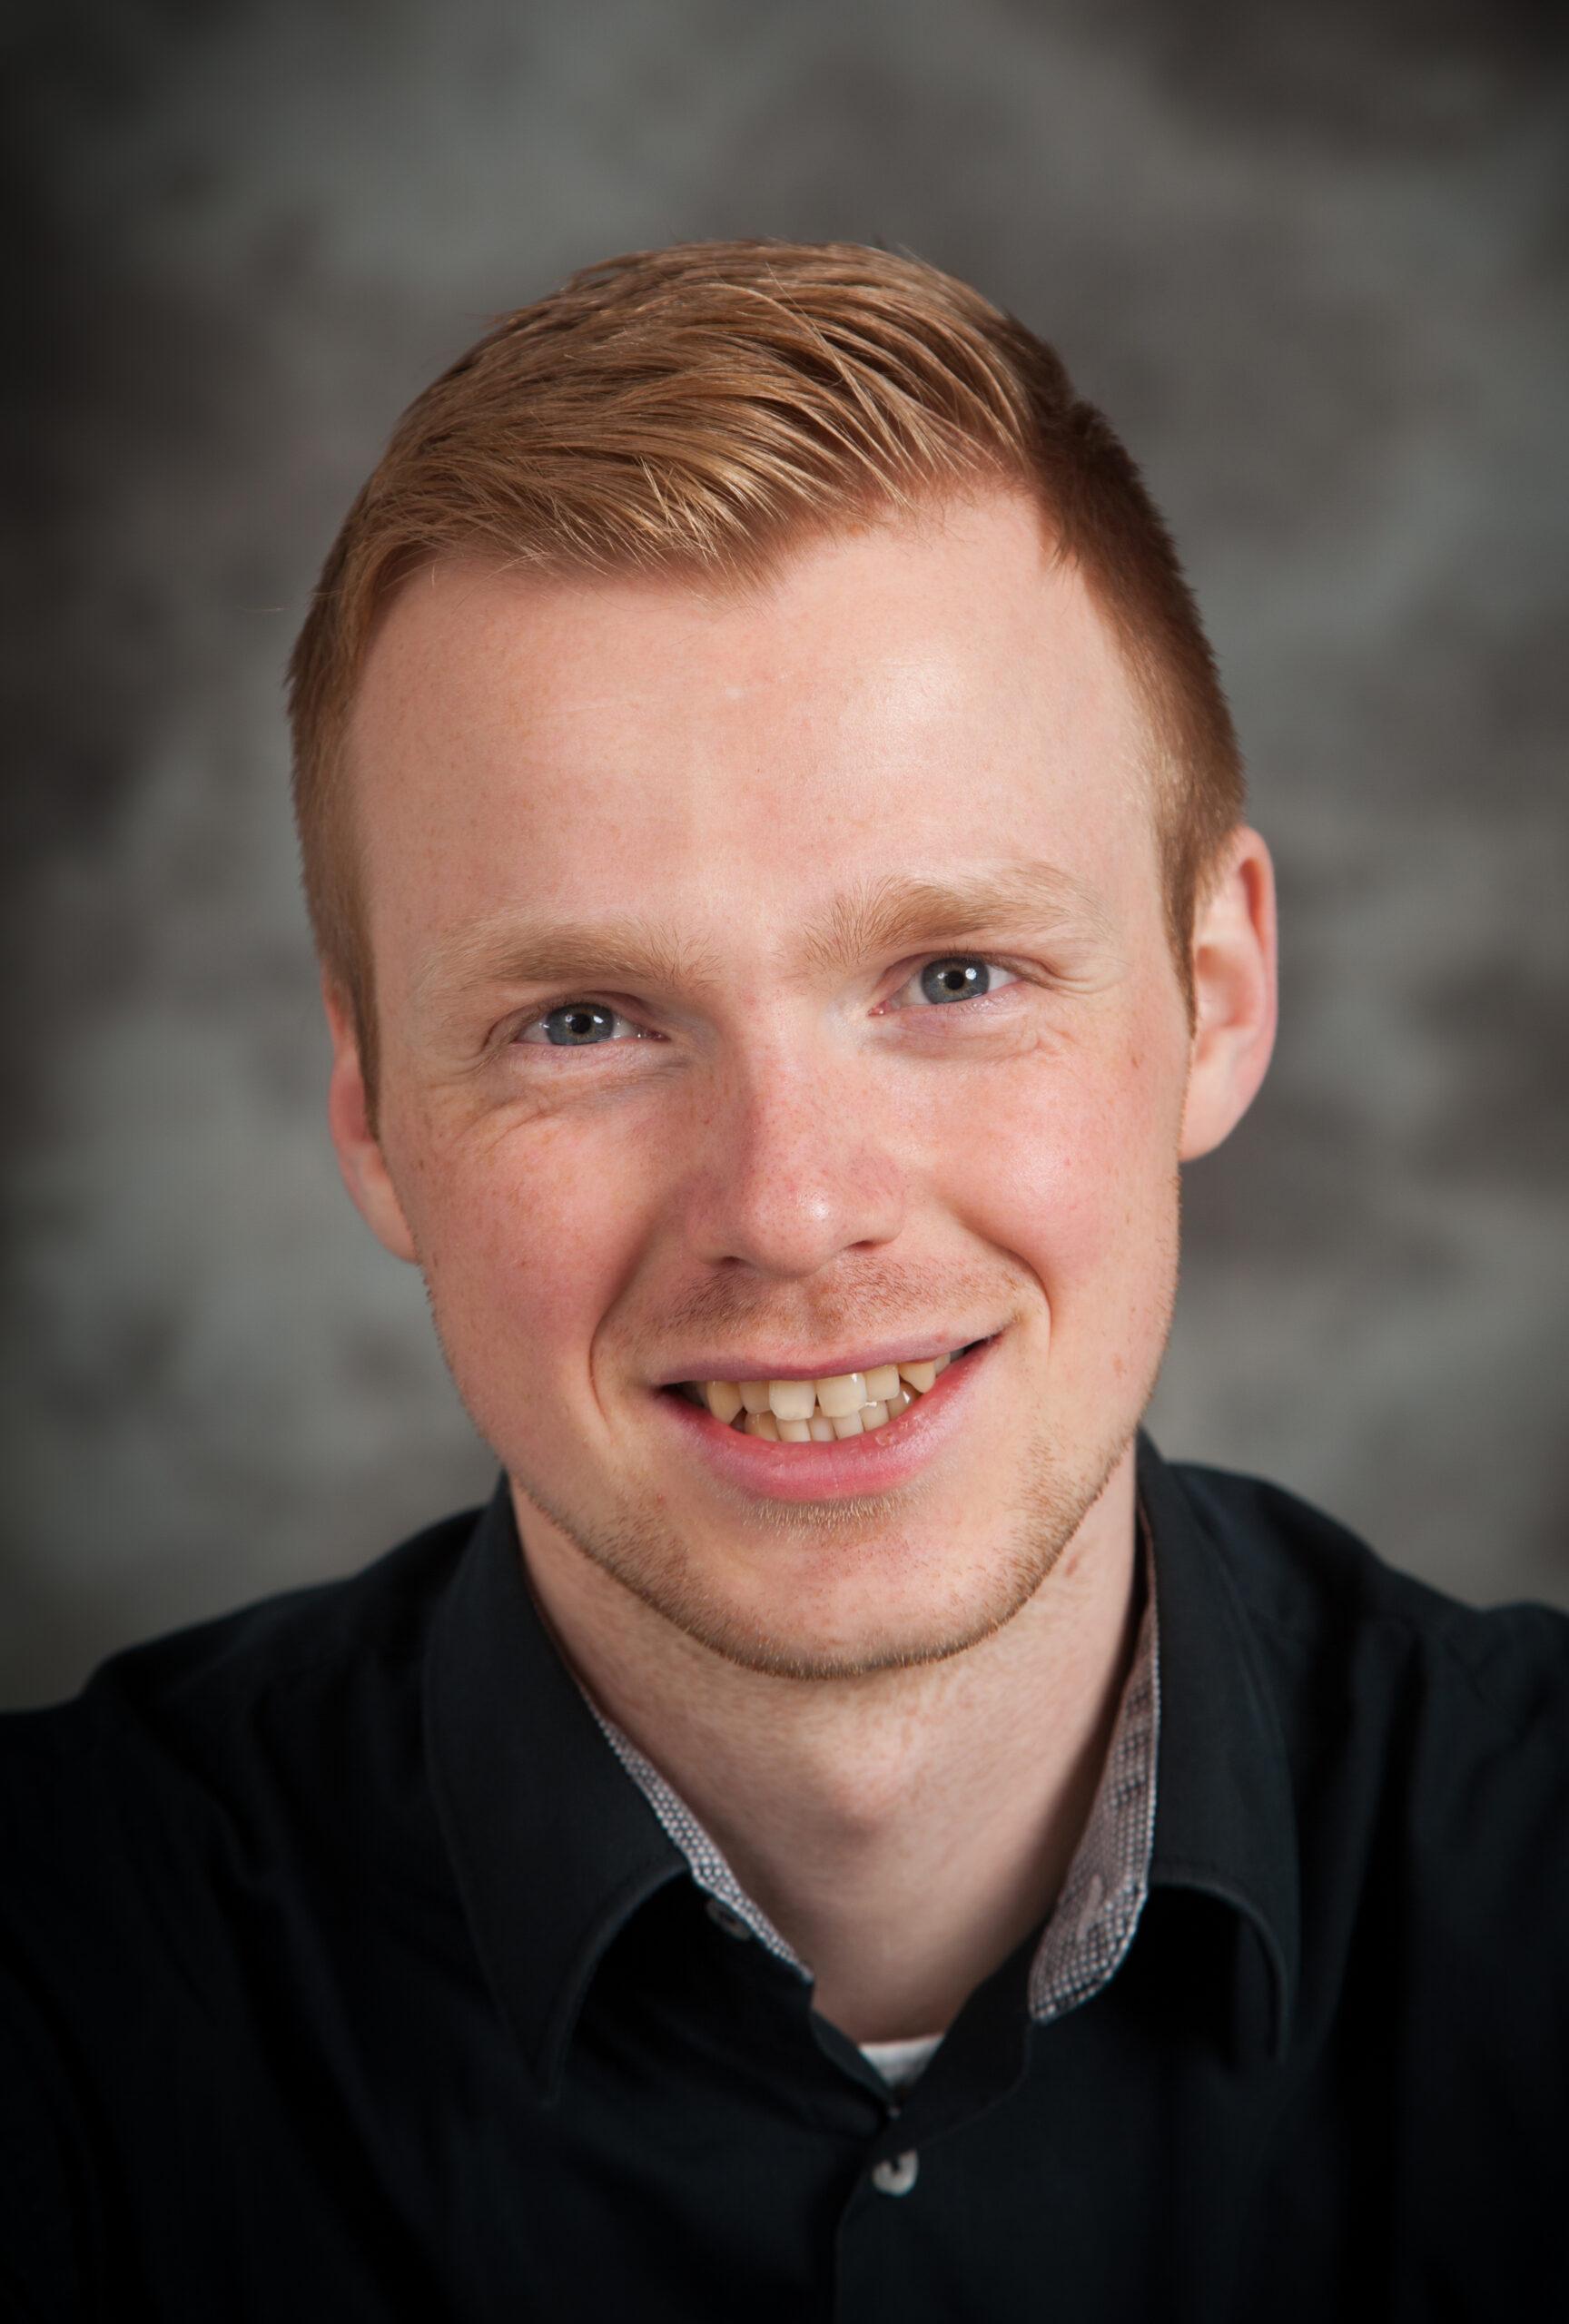 Richard van Stel